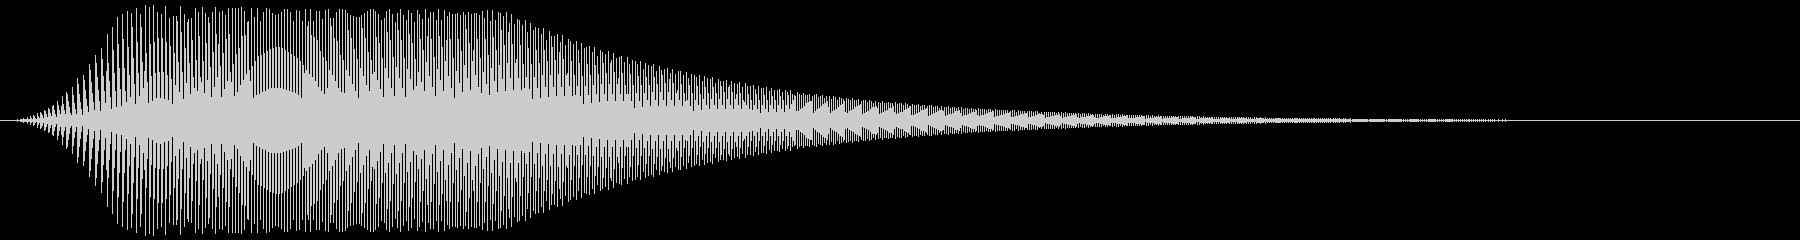 ボタン押下や決定音_ポピッ!の未再生の波形